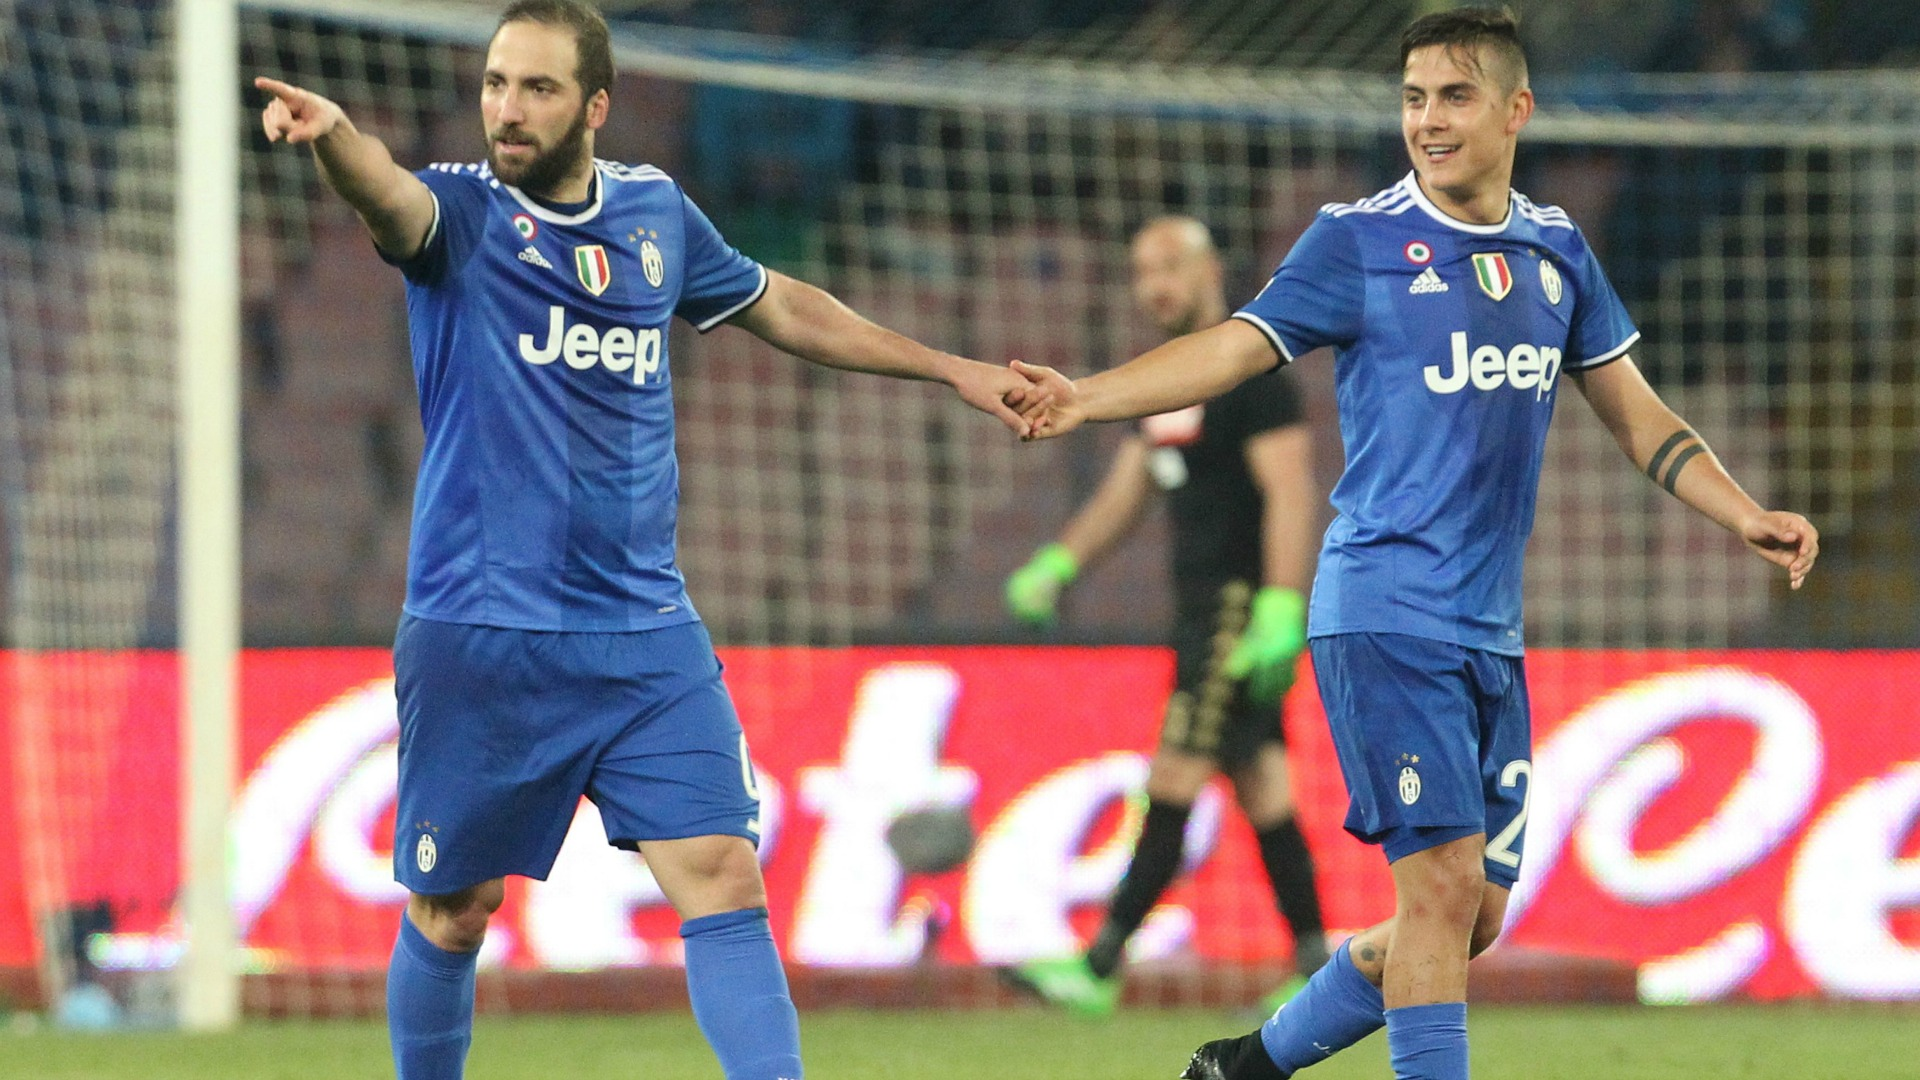 Higuain, lo sfogo dopo Napoli-Juve in un sms: 'Perché? Non capisco...'